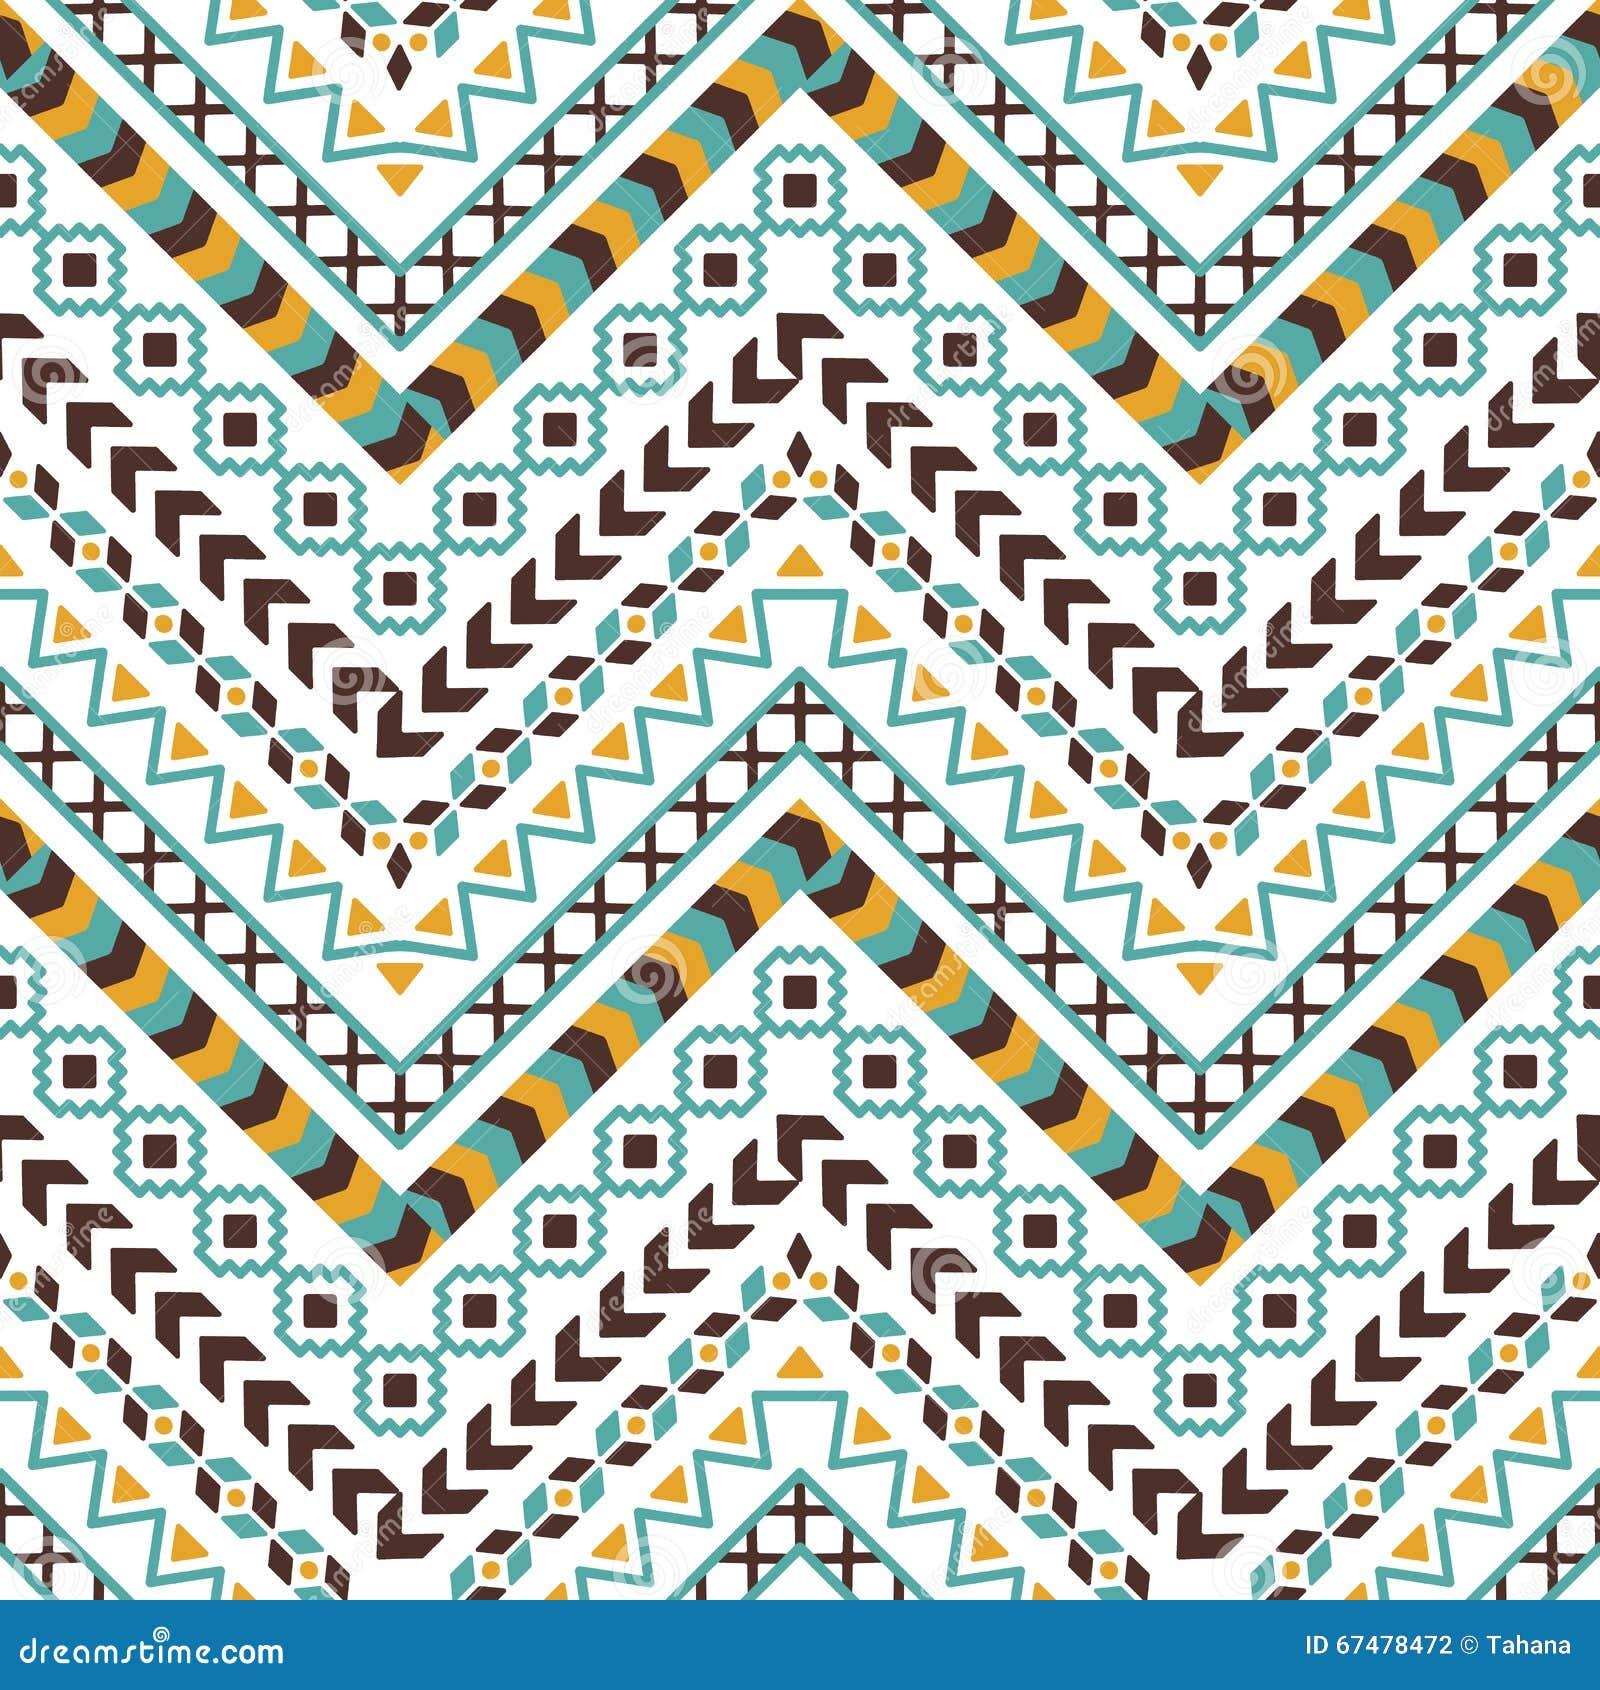 navajo border designs. Simple Navajo Download Comp Intended Navajo Border Designs E